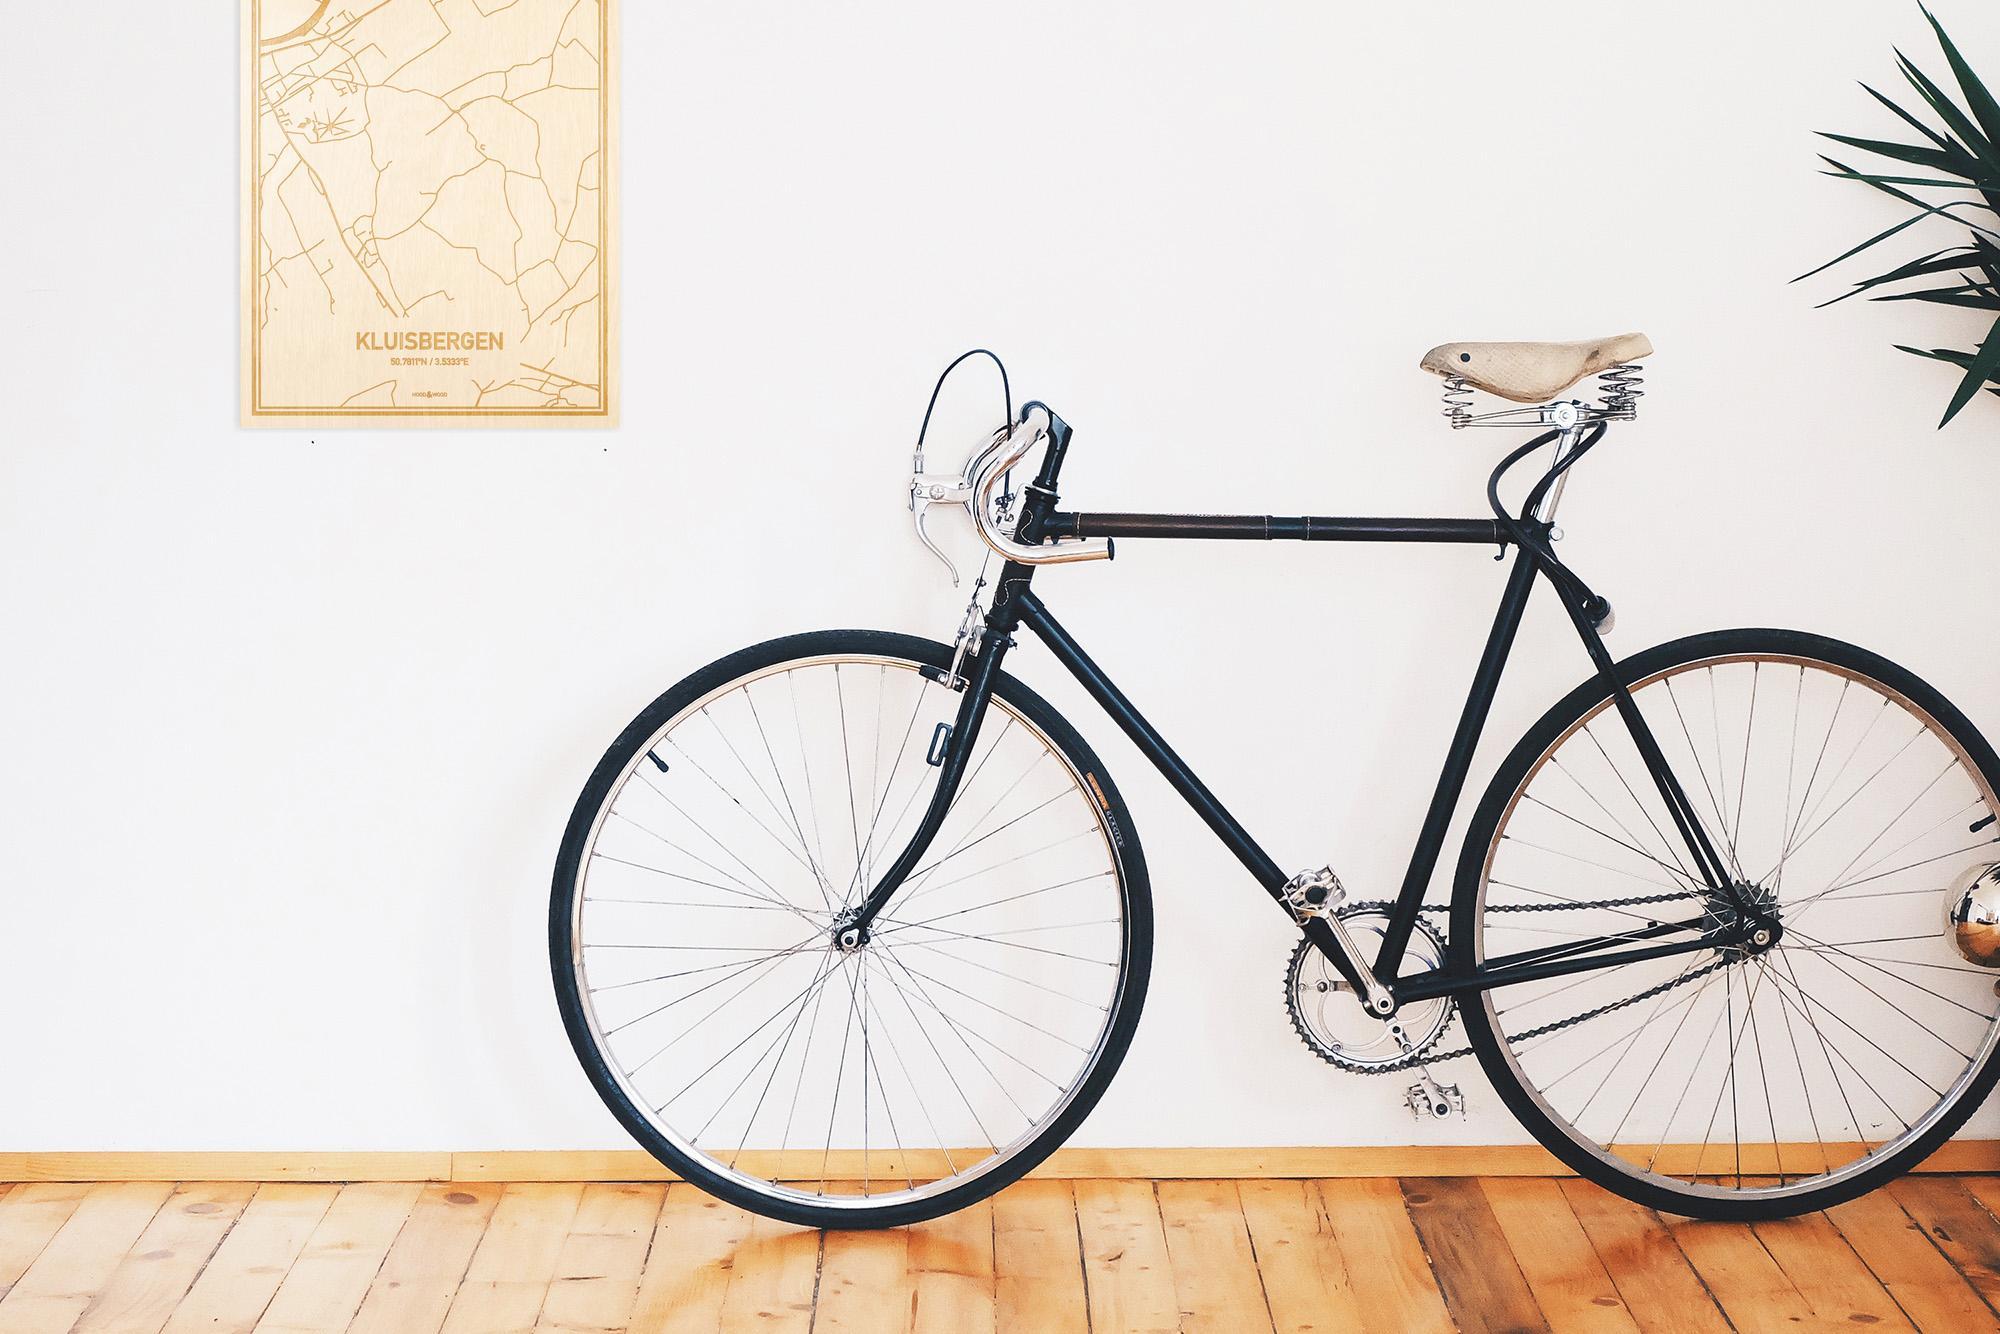 Een snelle fiets in een uniek interieur in Oost-Vlaanderen  met mooie decoratie zoals de plattegrond Kluisbergen.